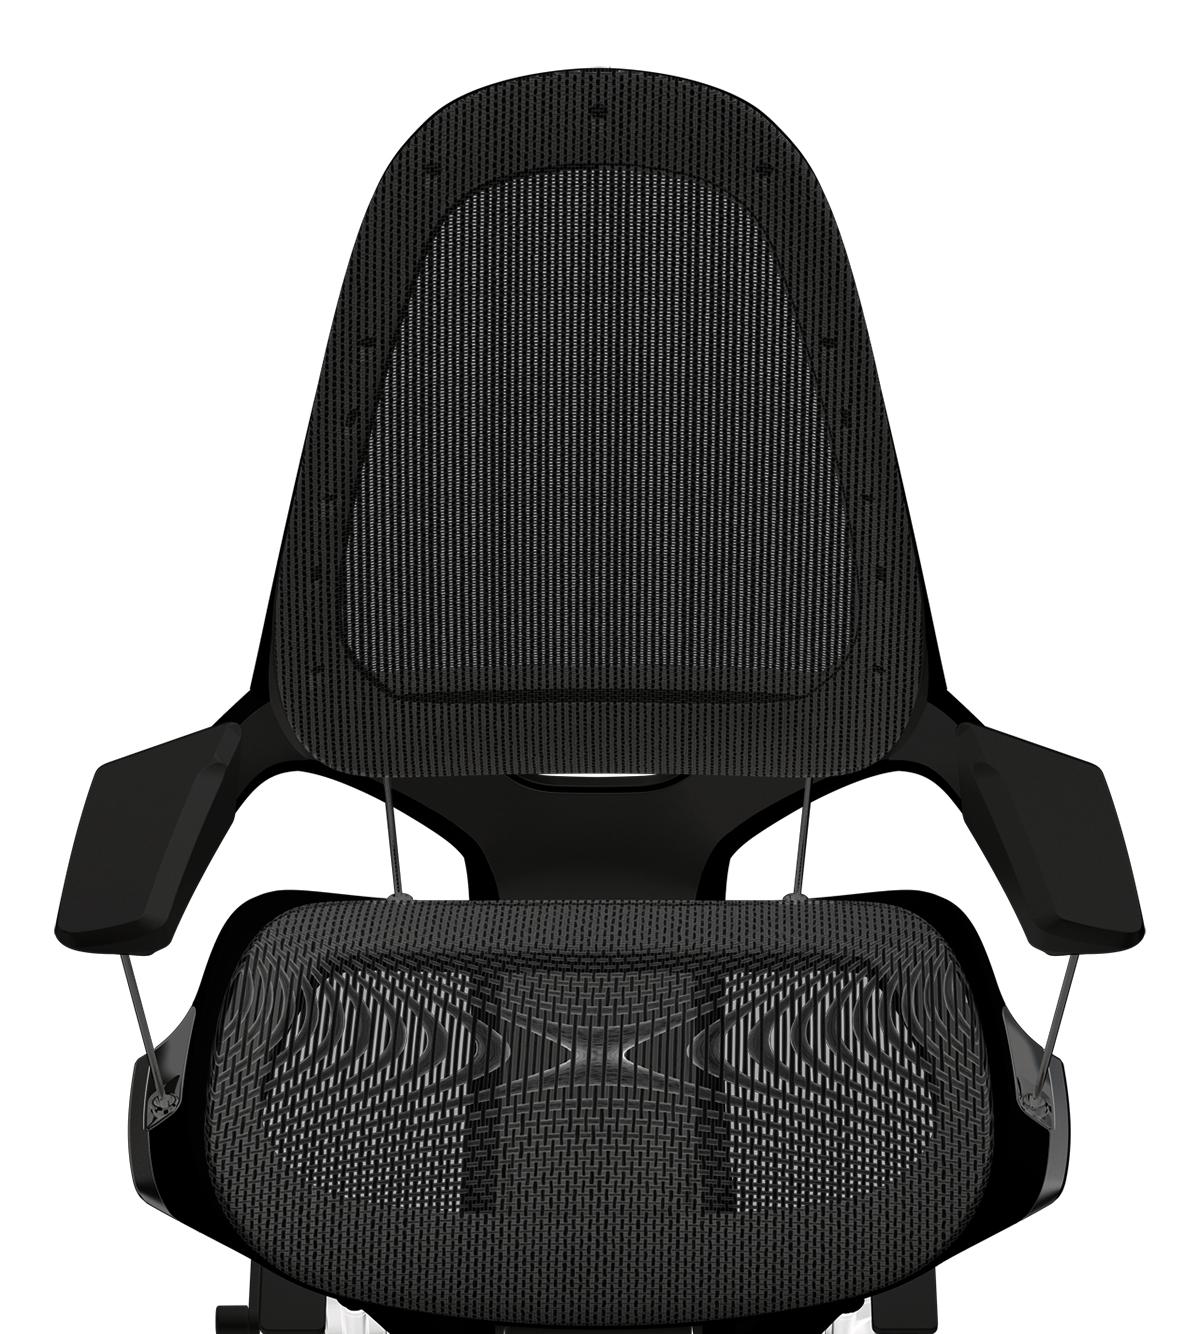 背もたれから座面までを覆うのは、高反発のポリエステルメッシュ地。暑い日や長時間座っていても、いつでも快適なワーキングチェア|Elea Chair